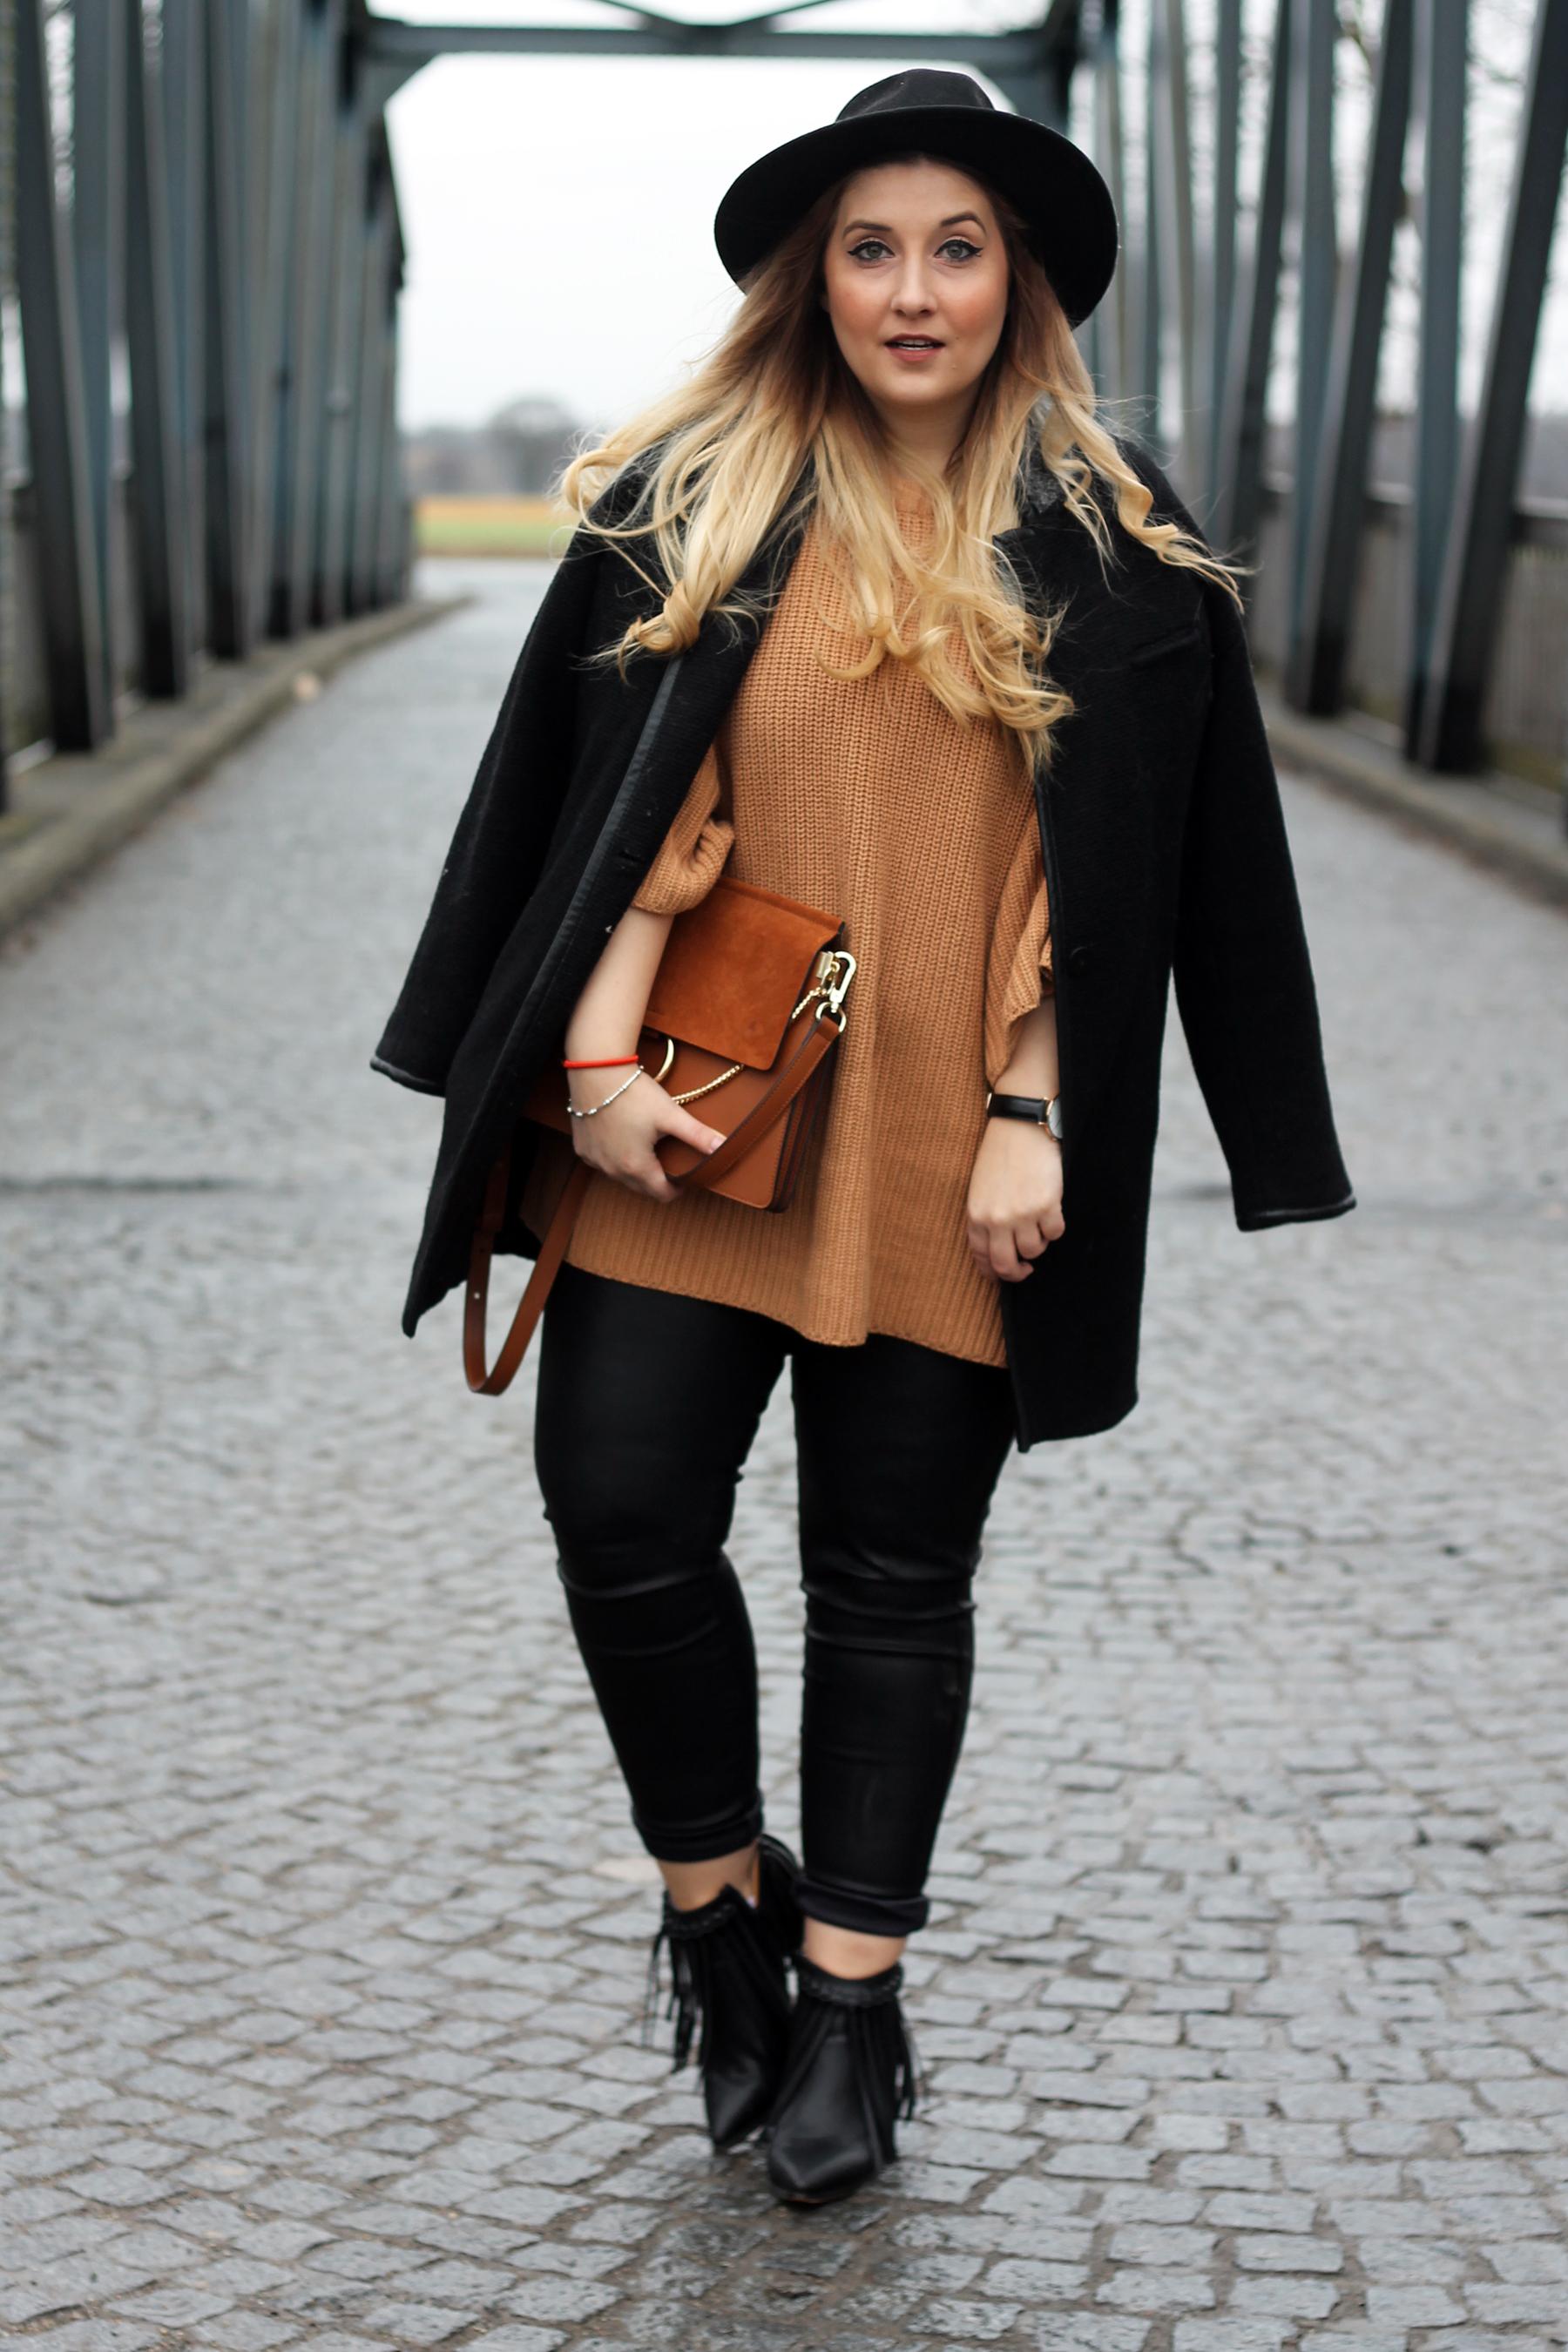 streetstyle-look-style-outfit-pulli-strick-lederhose-tasche-chloe-lookalike-faye